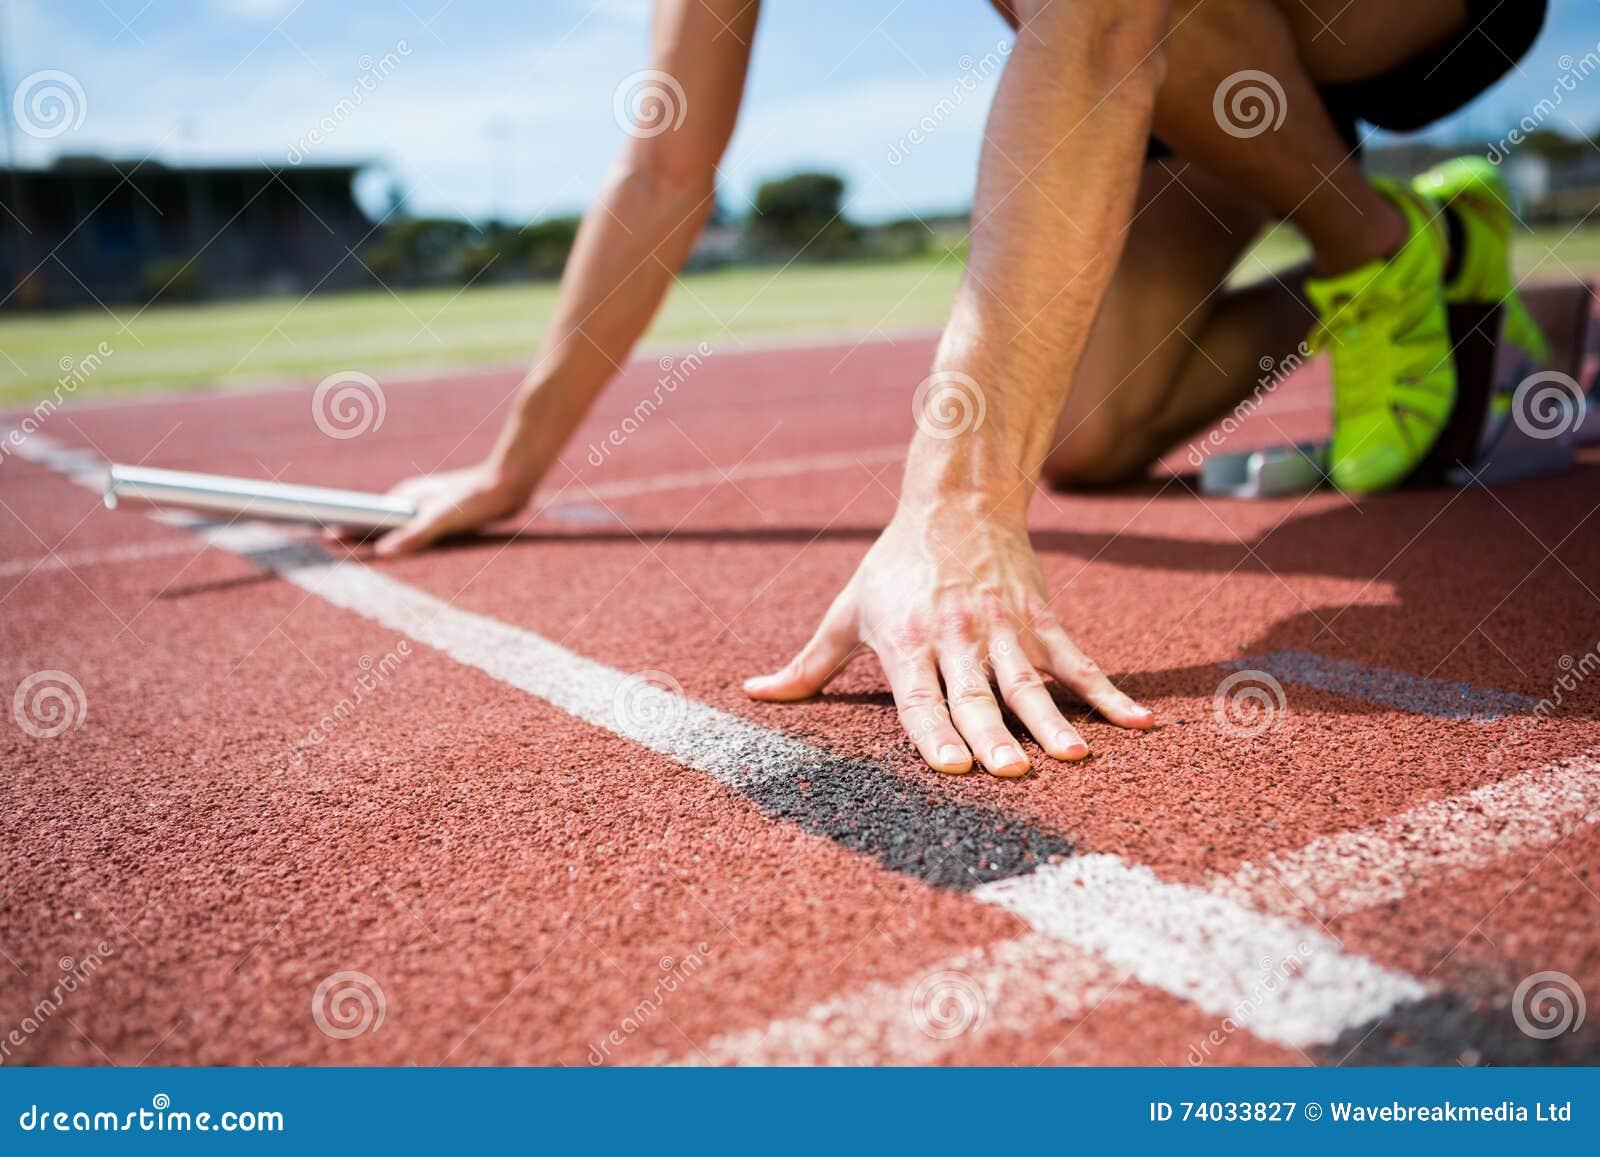 Athlet bereit, den Staffellauf zu beginnen